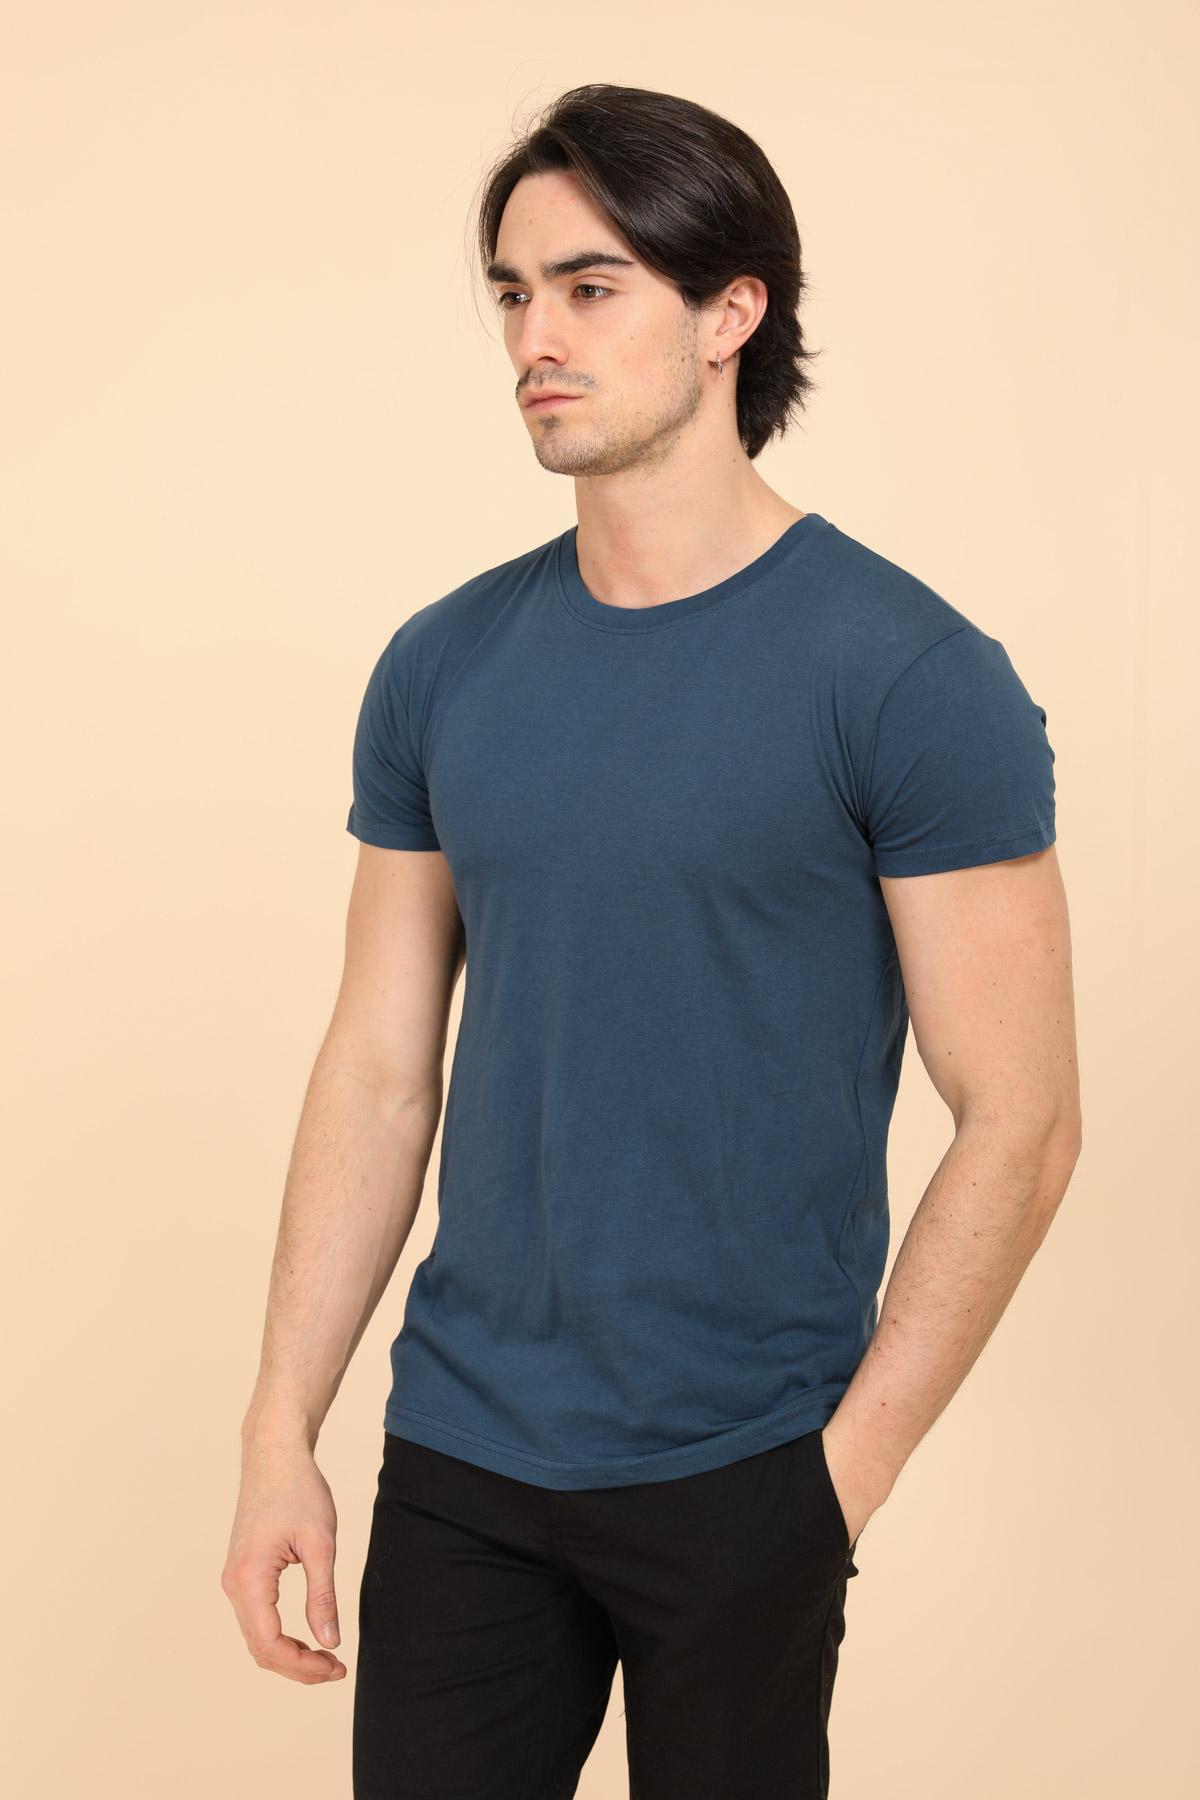 T-shirts Homme Bleu CITY DESIGN TS801 #c eFashion Paris